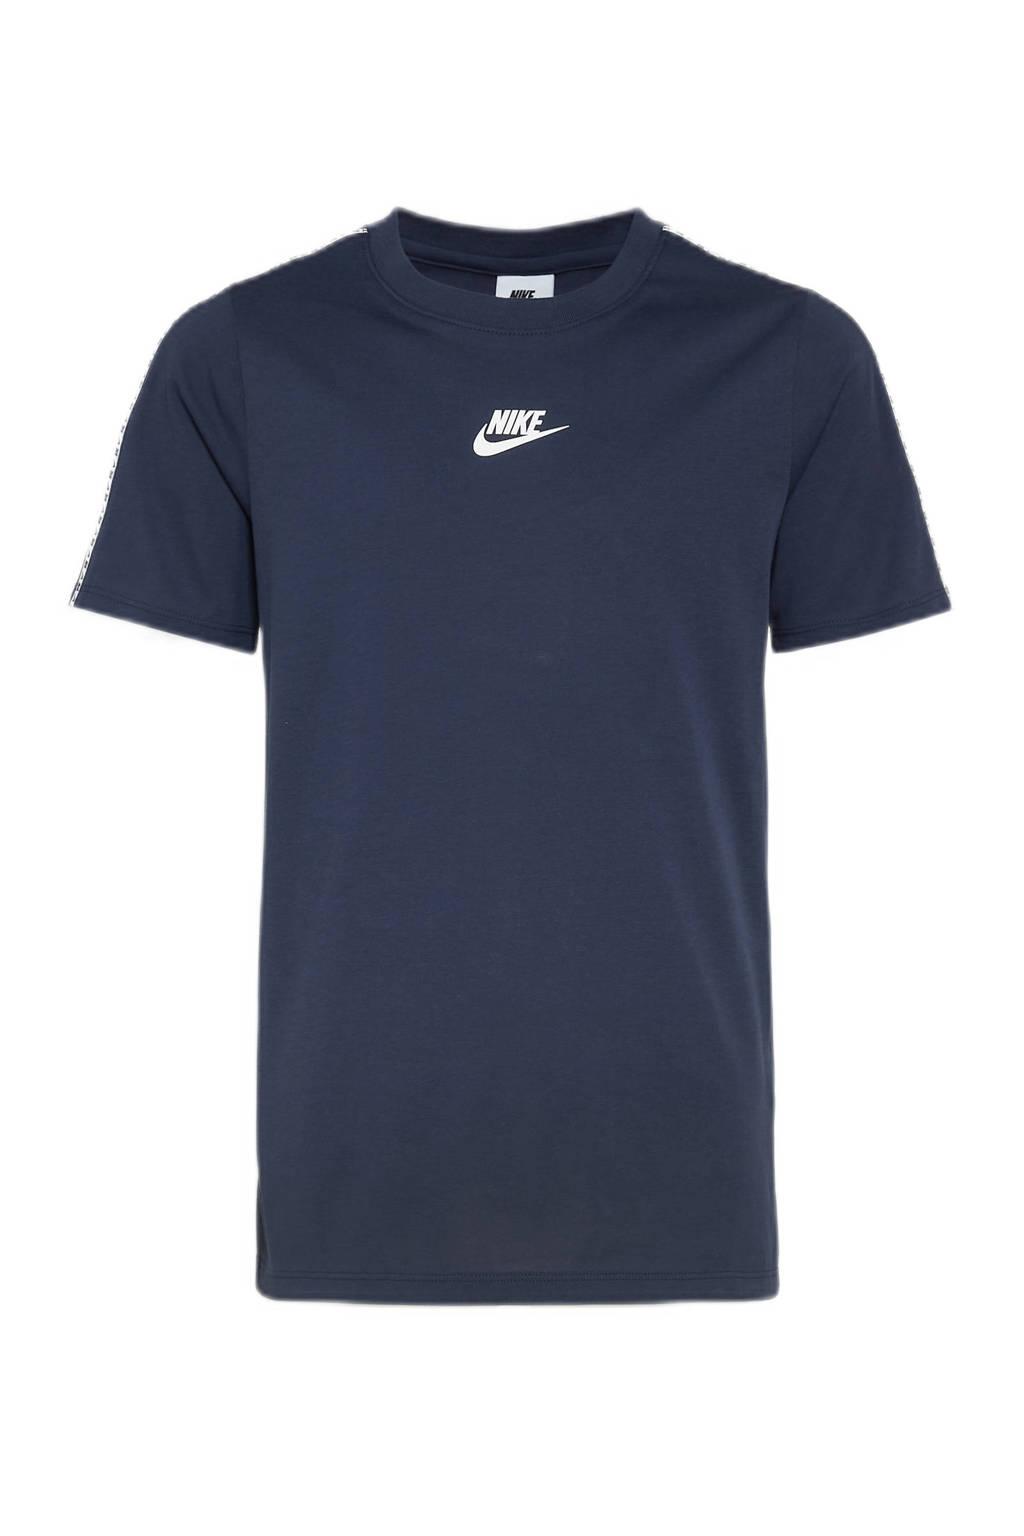 Nike T-shirt donkerblauw, Donkerblauw